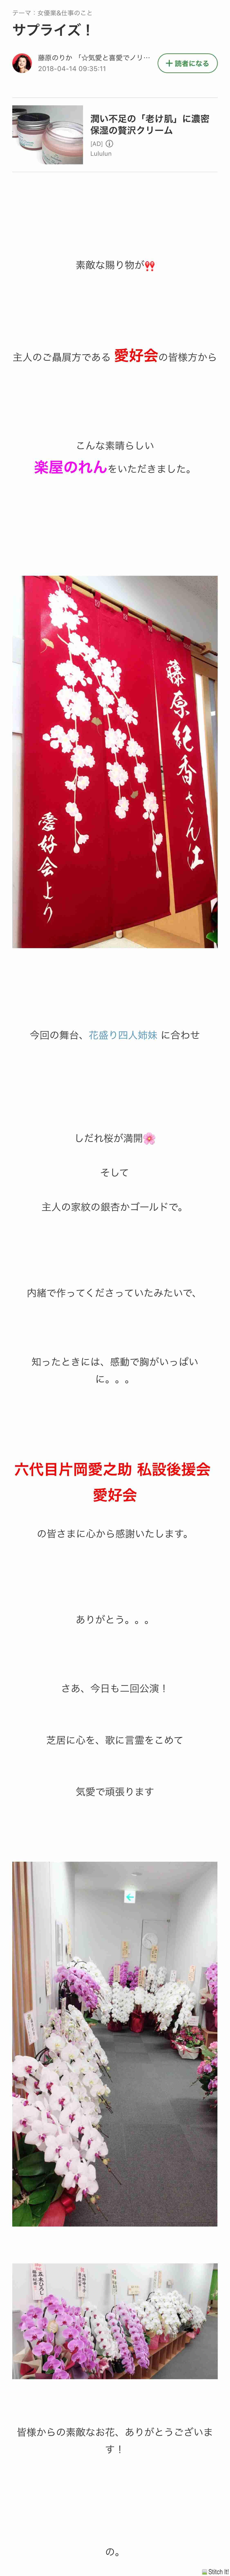 「おつかれぽんちきー」藤原紀香、日本の伝統重んじるも